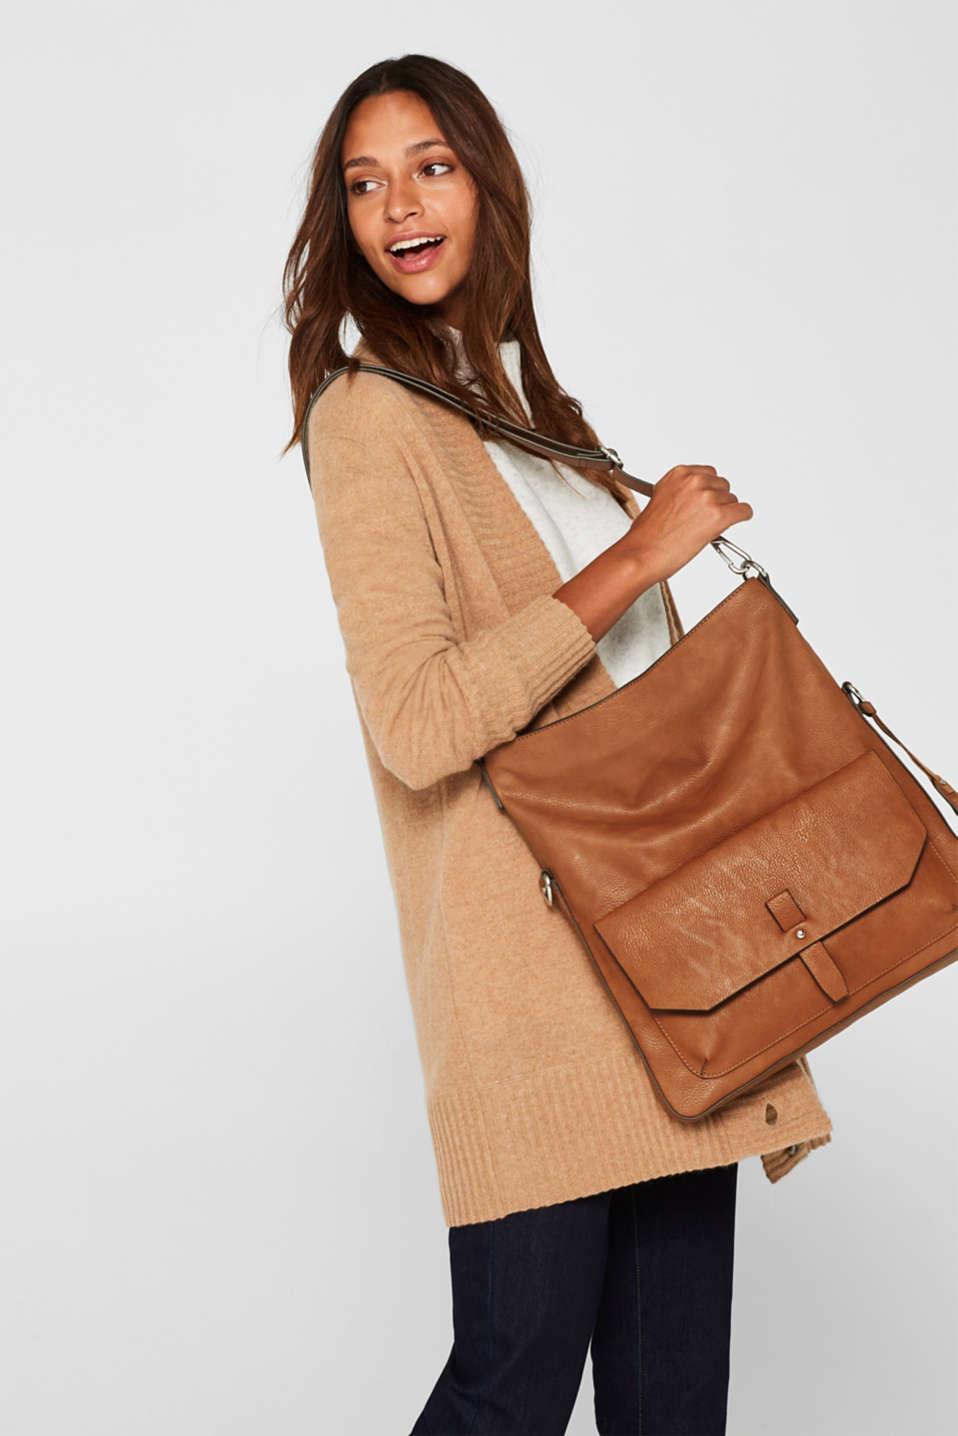 Adjustable faux leather shoulder bag, RUST BROWN, detail image number 1